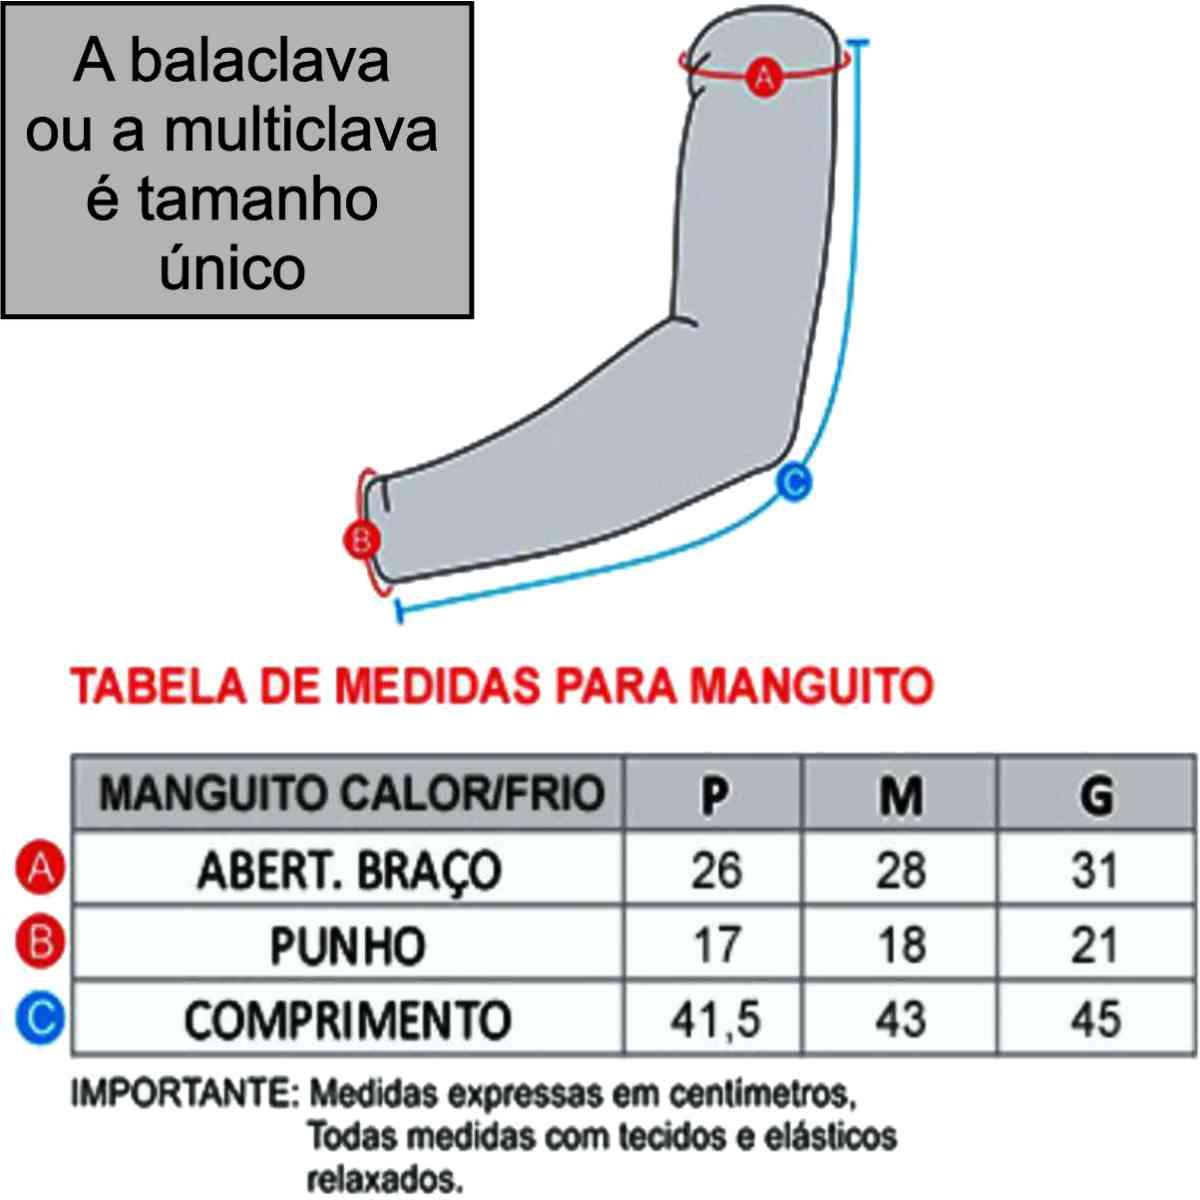 BALACLAVA GO AHEAD SEGUNDA PELE EXTREME + MANGUITO ULTRA FRIO EXTREMO INVERNO